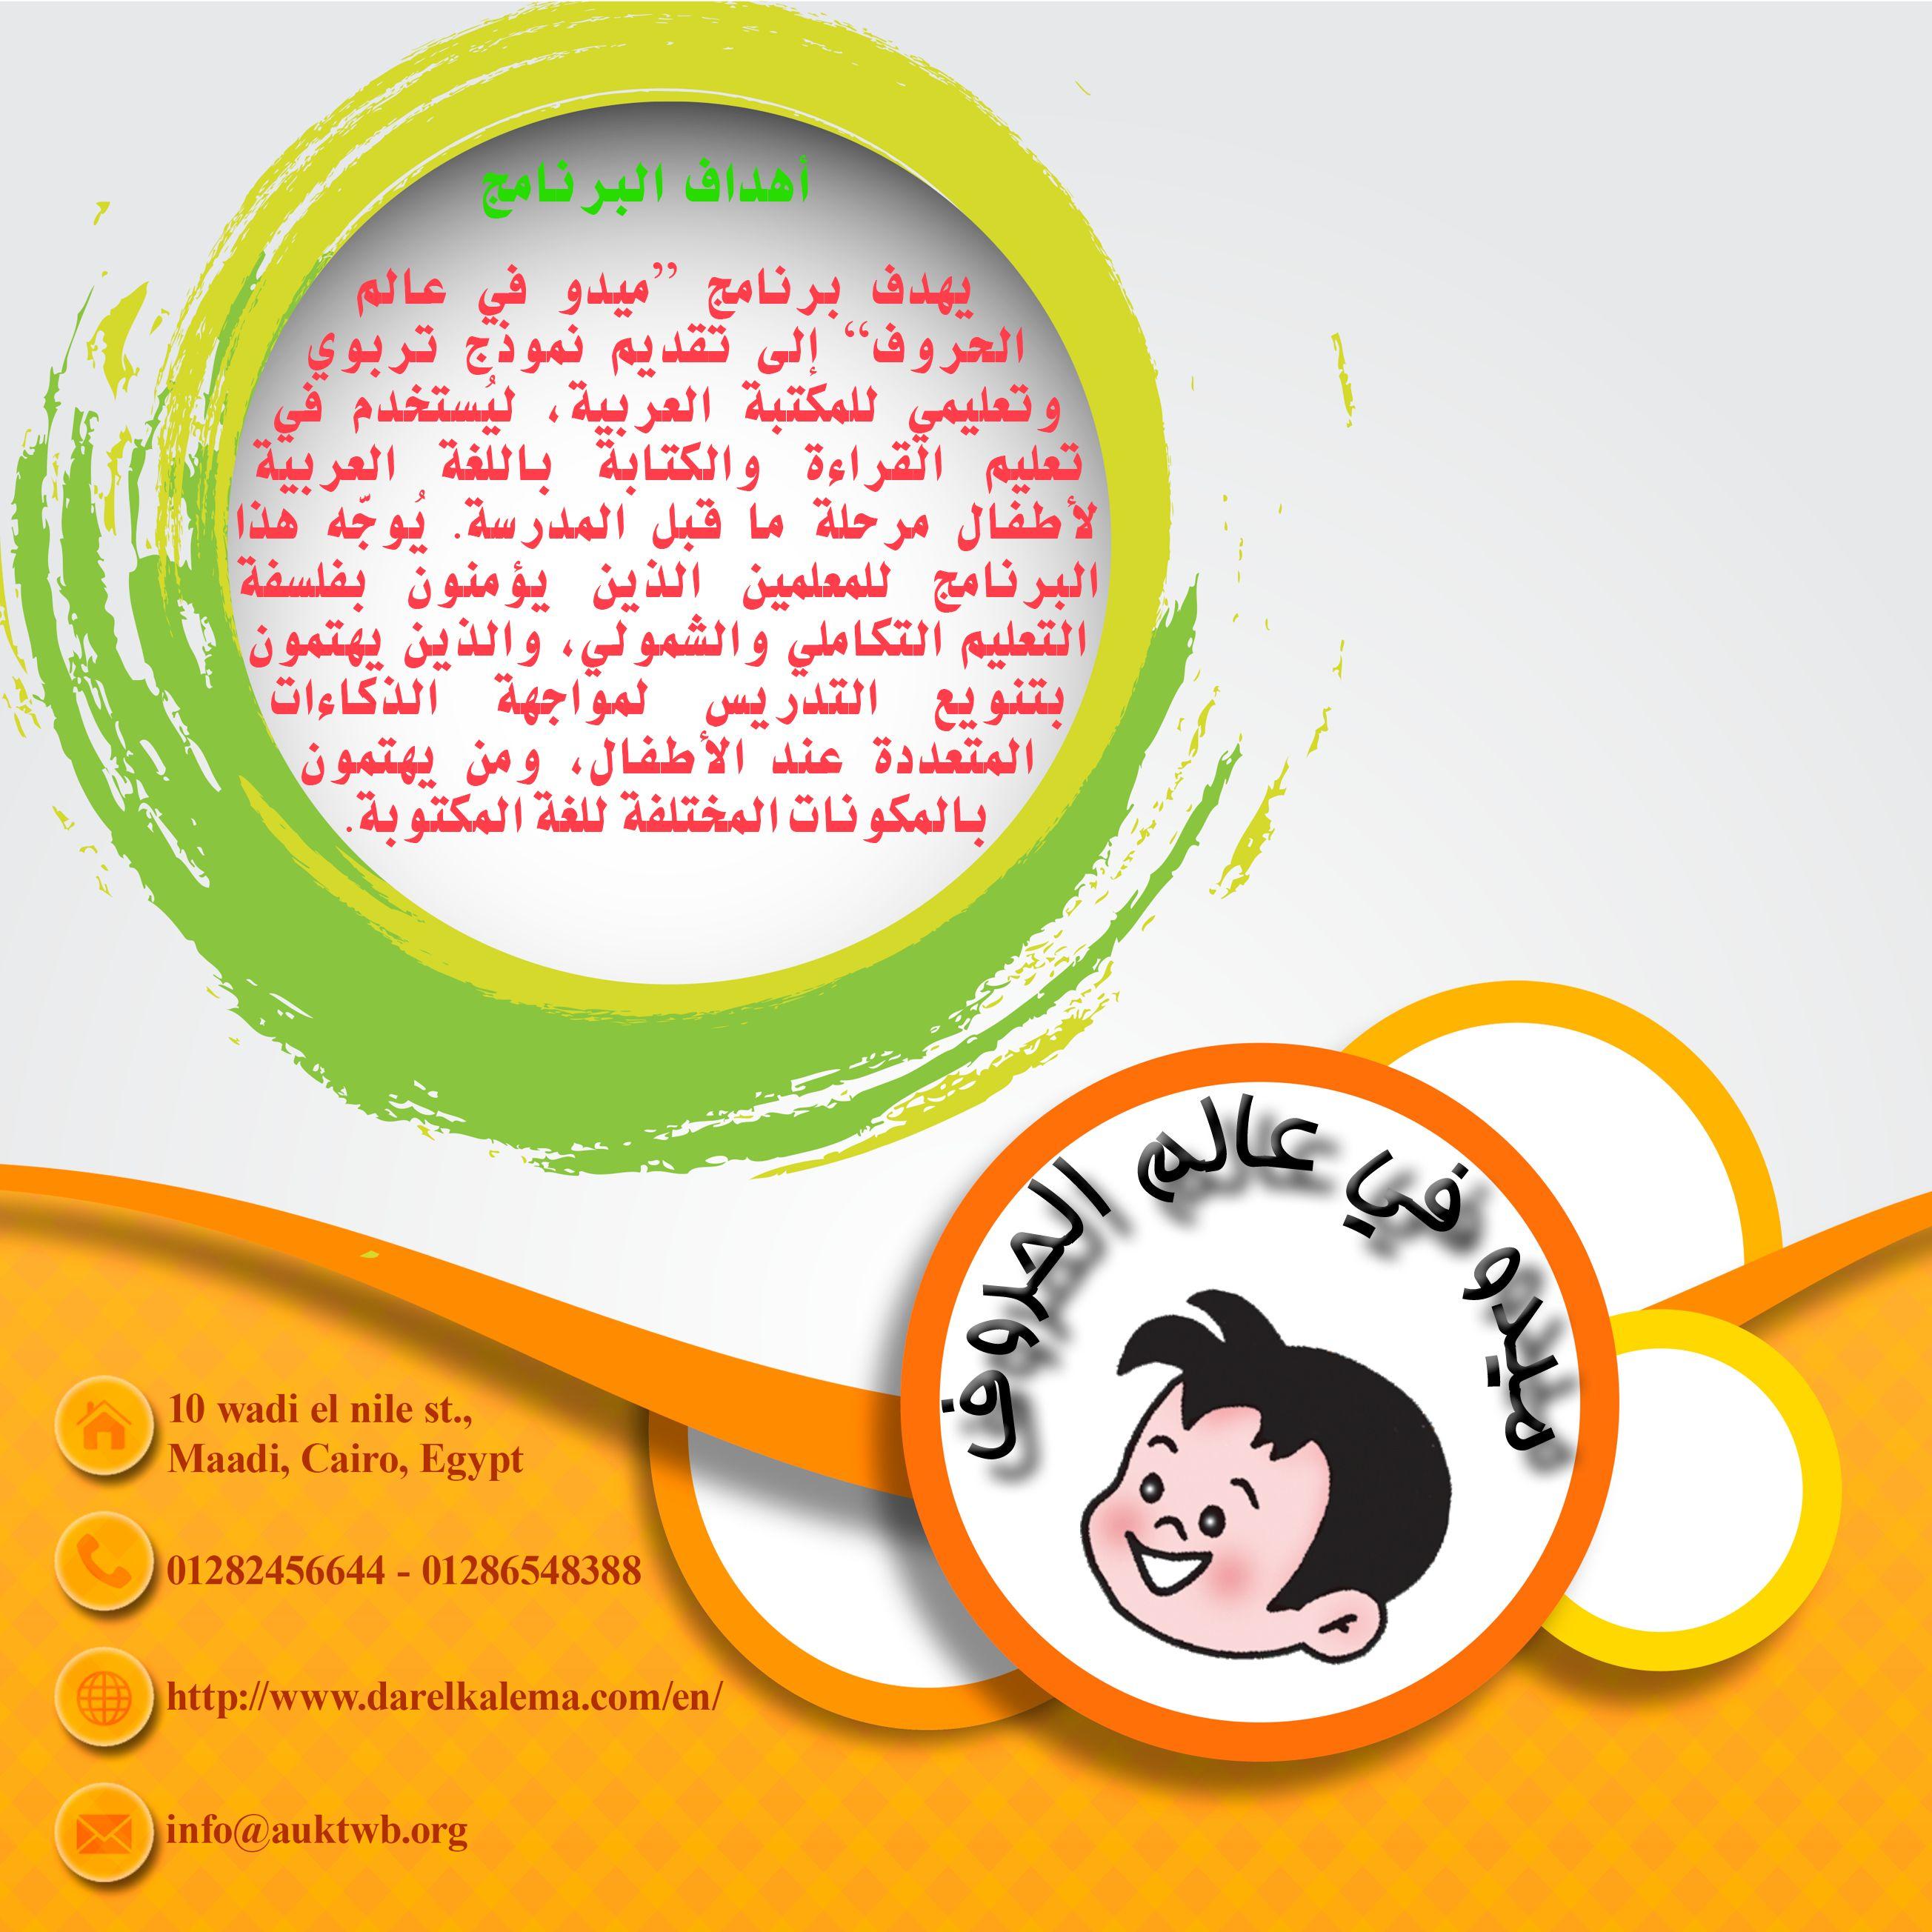 تعرف على برنامج ميدو في عالم الحروف Teacher Guides Cairo Teacher